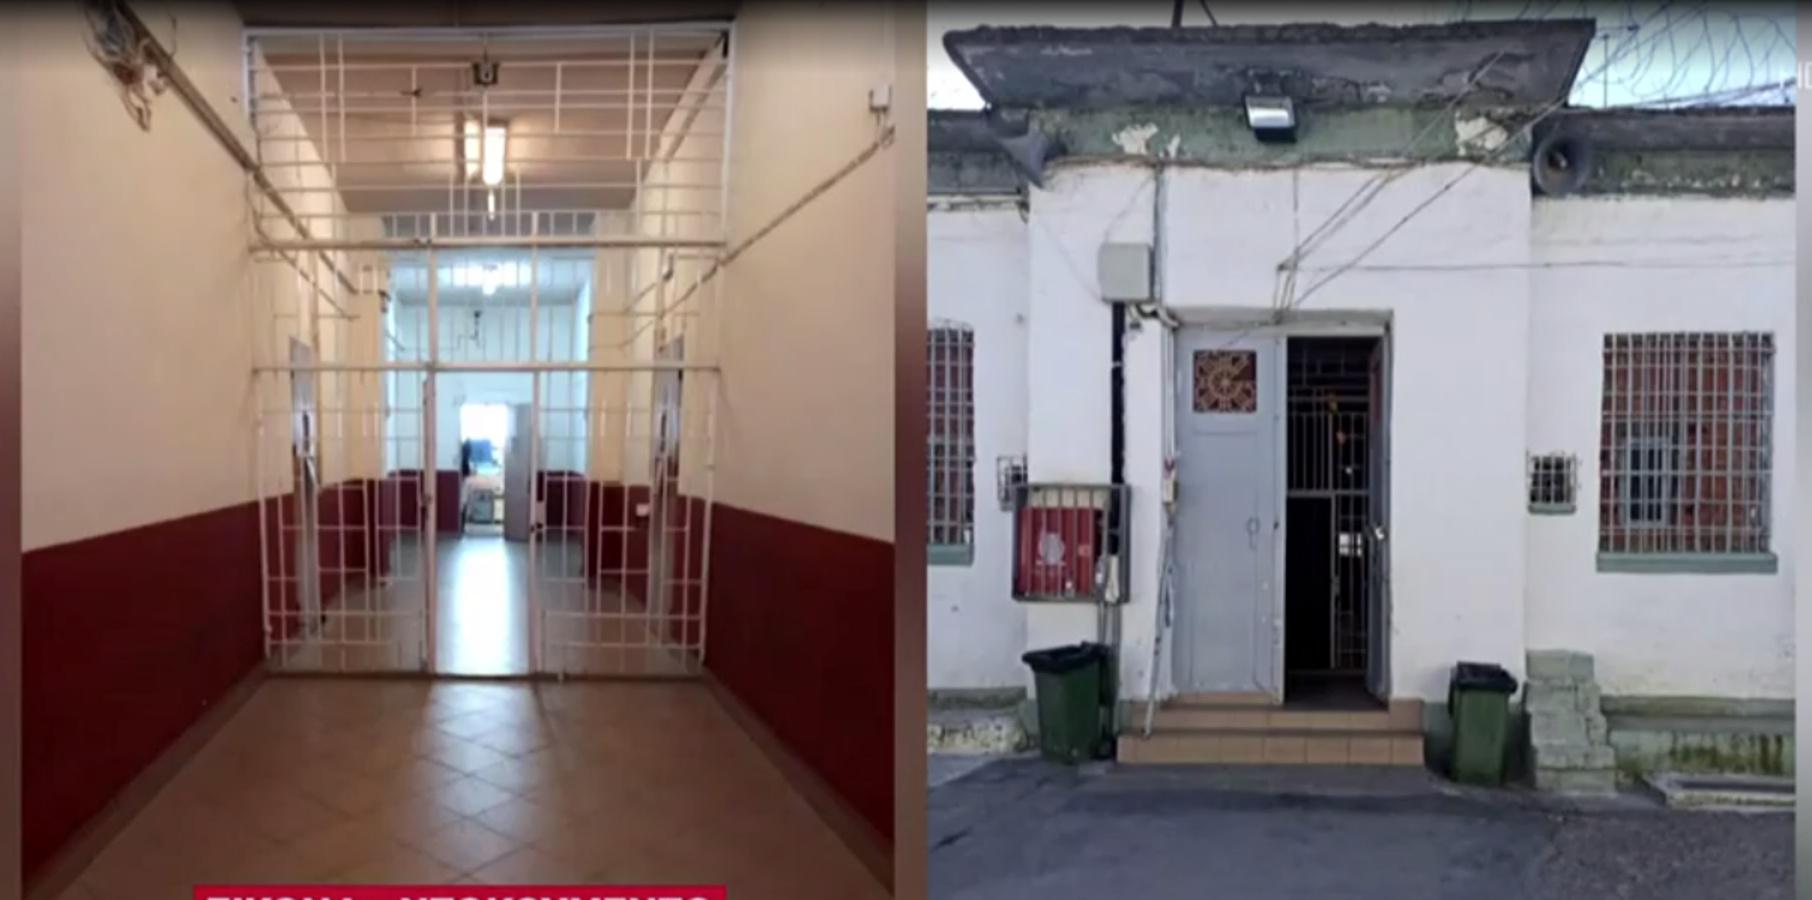 Δημήτρης Λιγνάδης: Αυτό είναι το κελί που κρατείται – «Σοκαρισμένος και καταβεβλημένος»